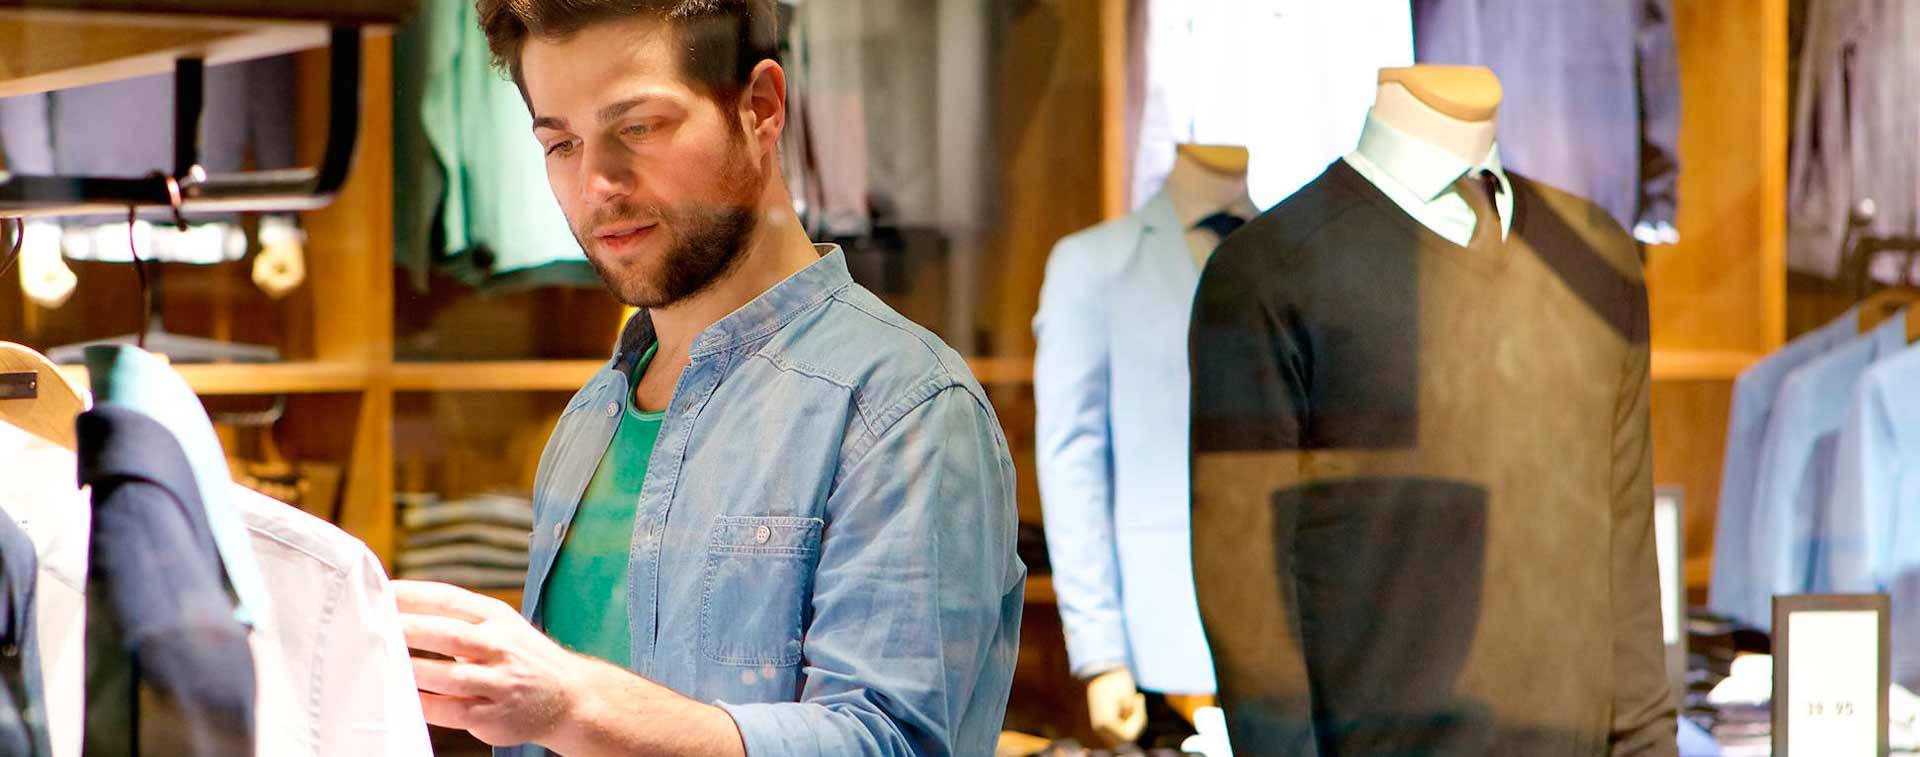 Tienda de ropa de caballero en Las Arenas, Getxo con Juan Zabala Joven